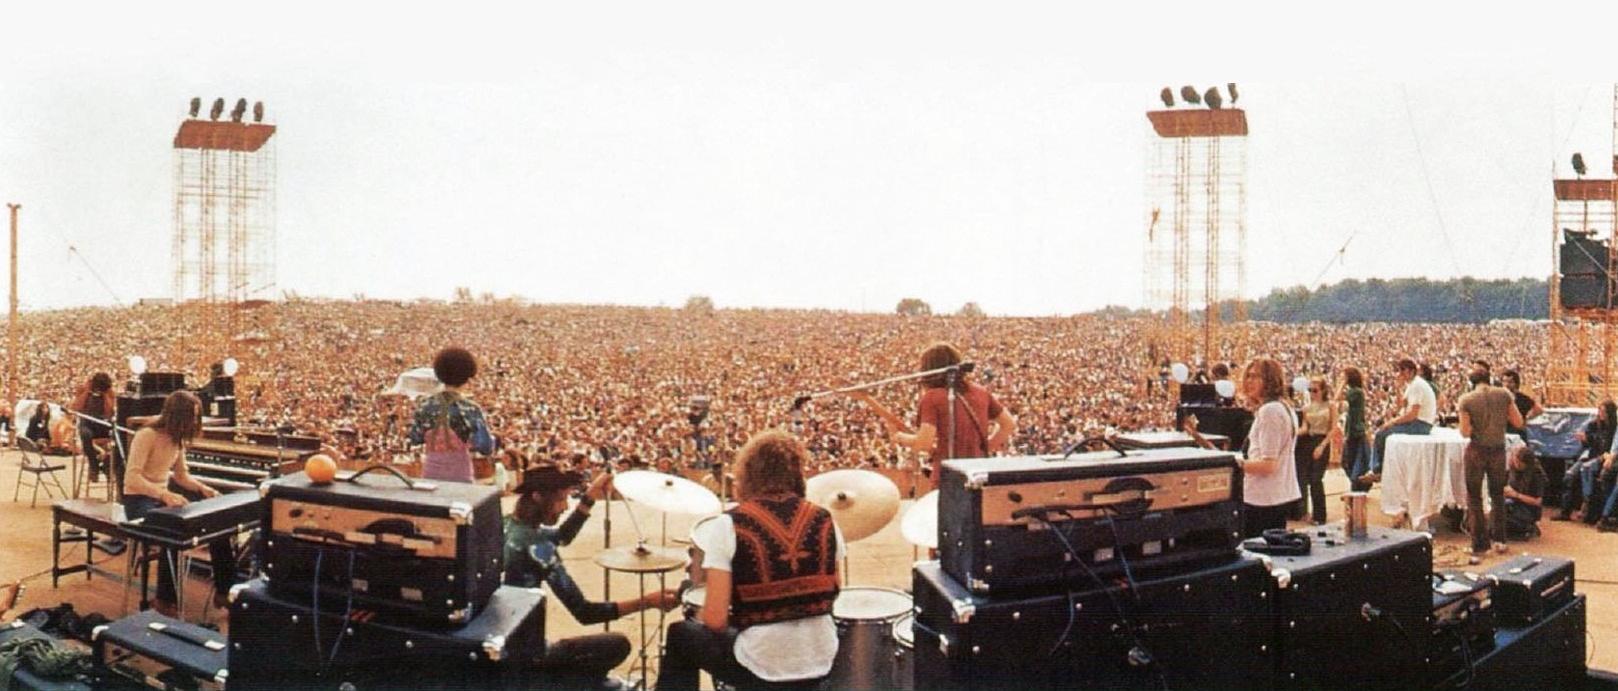 """""""És semmi mást nem akar, csak szórakozást és zenét."""" – Egy új generáció születése: Woodstock Aquarian Zenei és Művészeti Fesztivál, 1969. augusztus 15–18."""